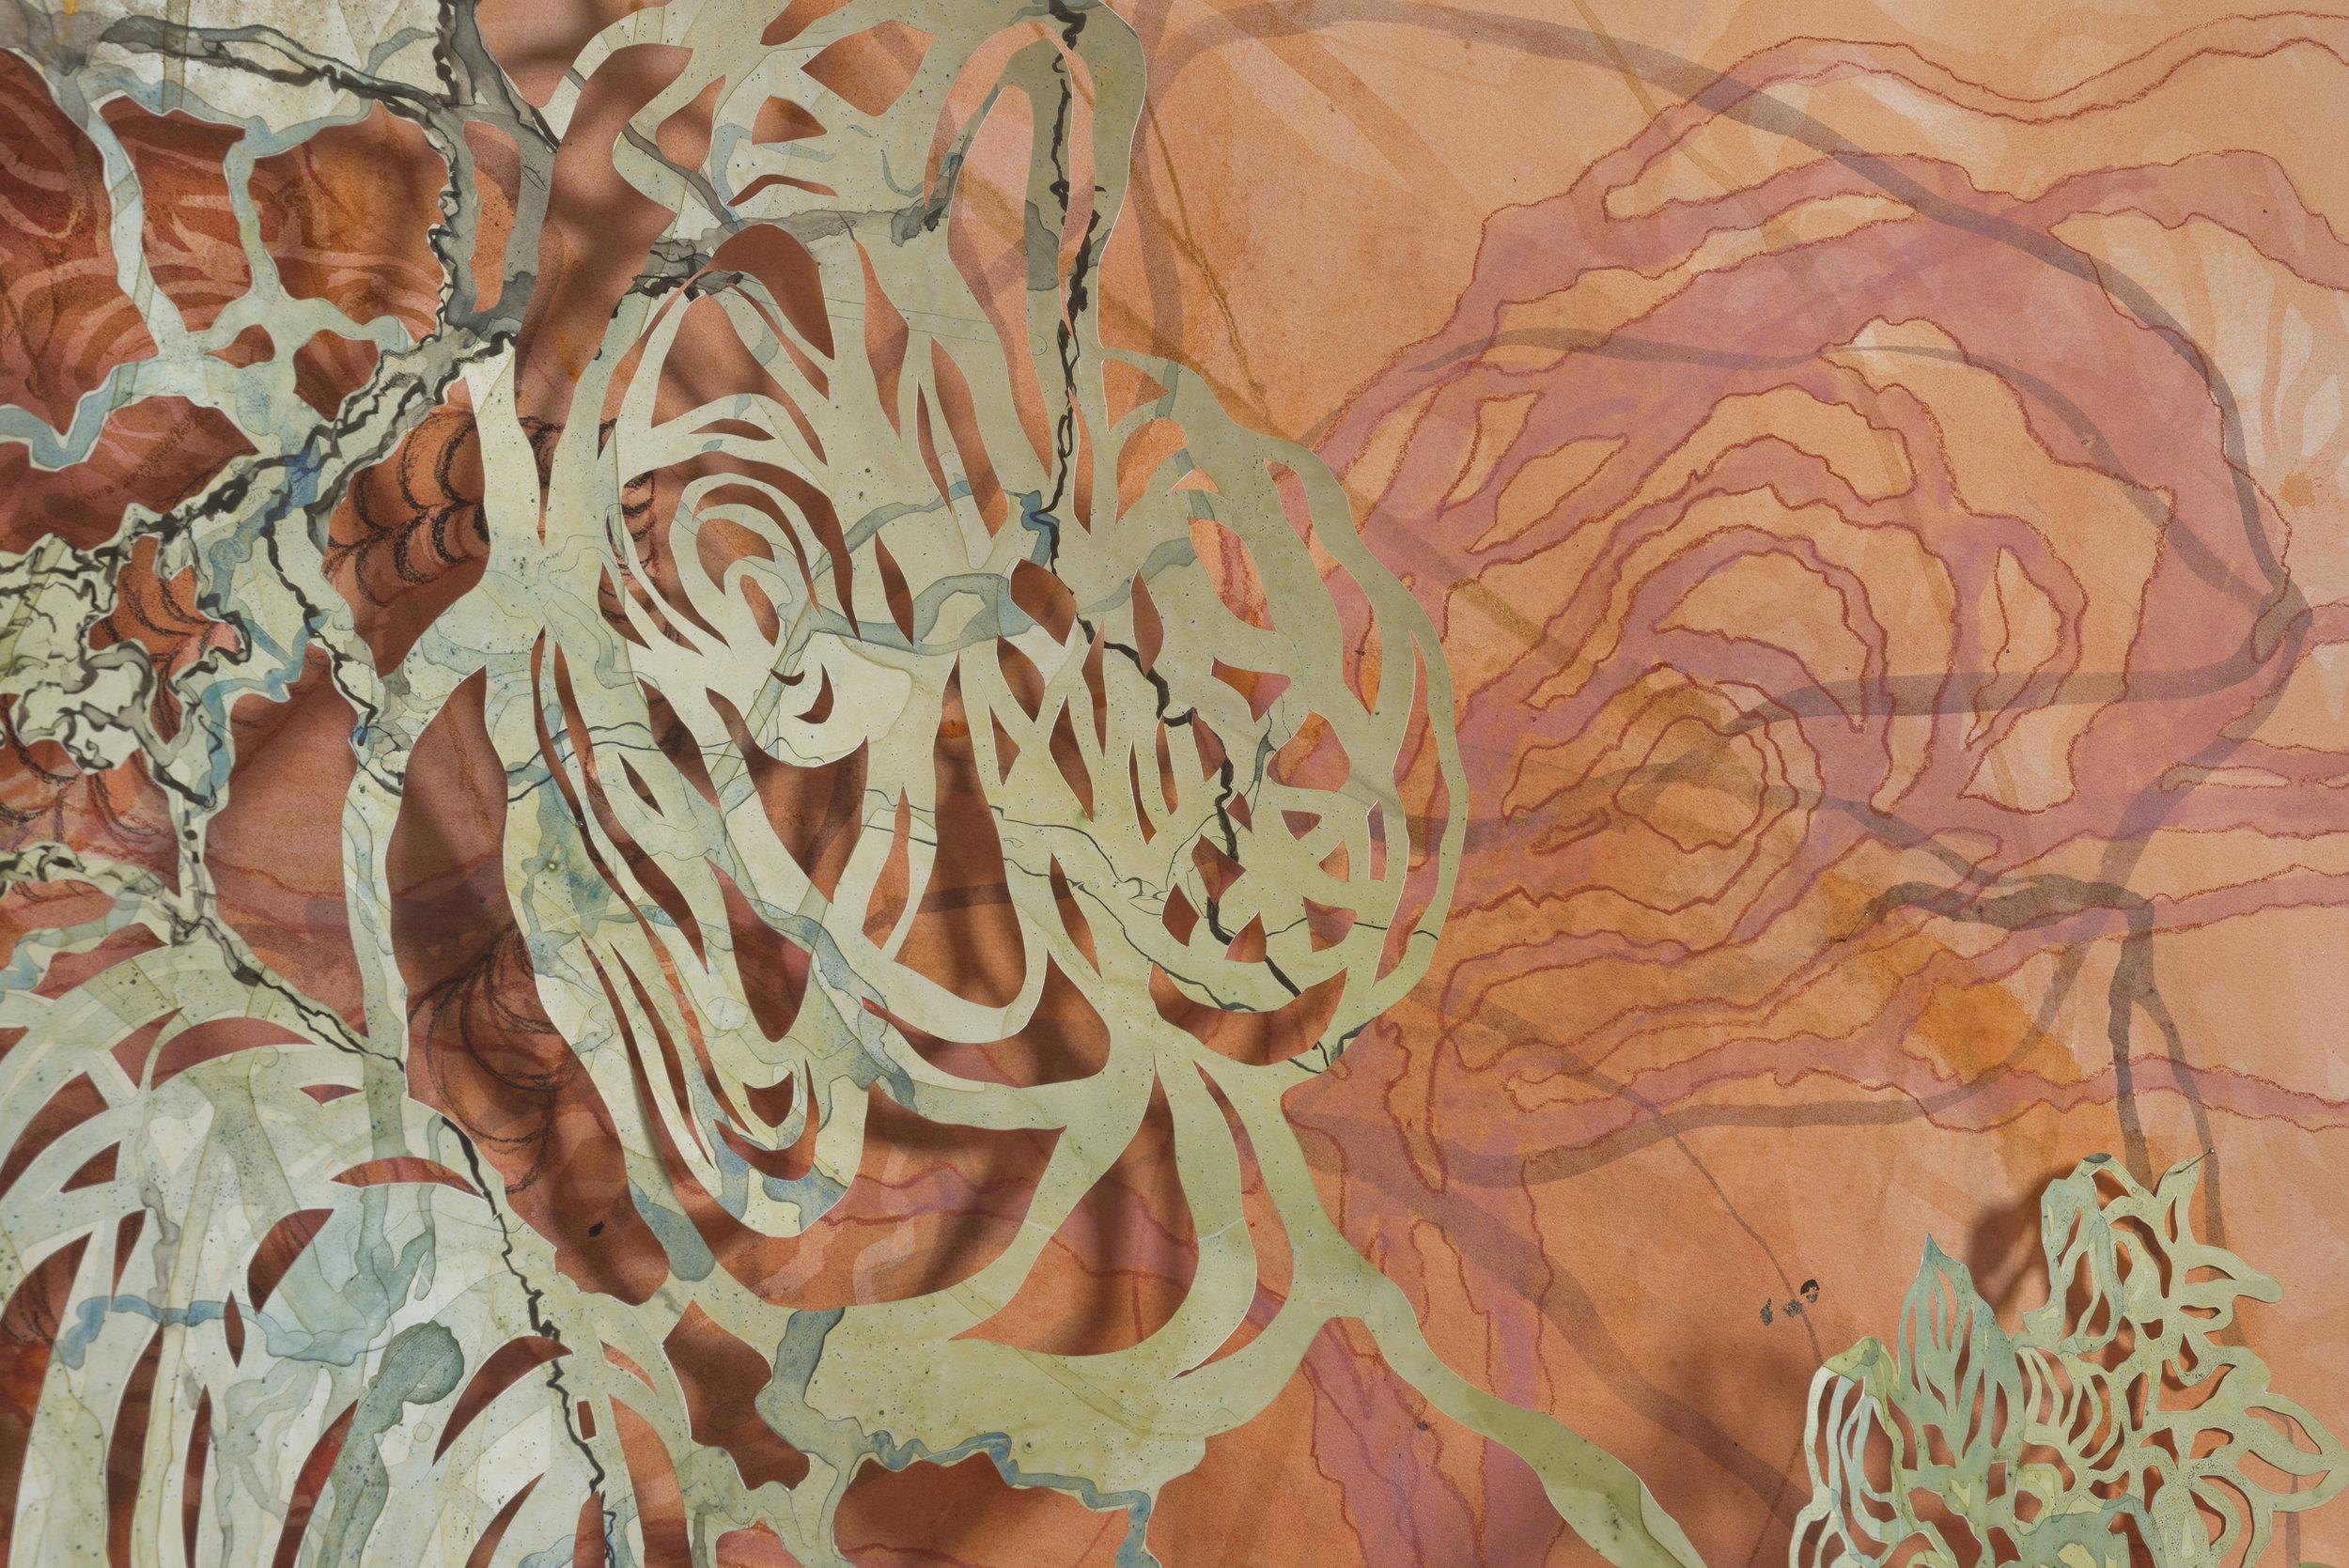 Fierce Beauty detail 2